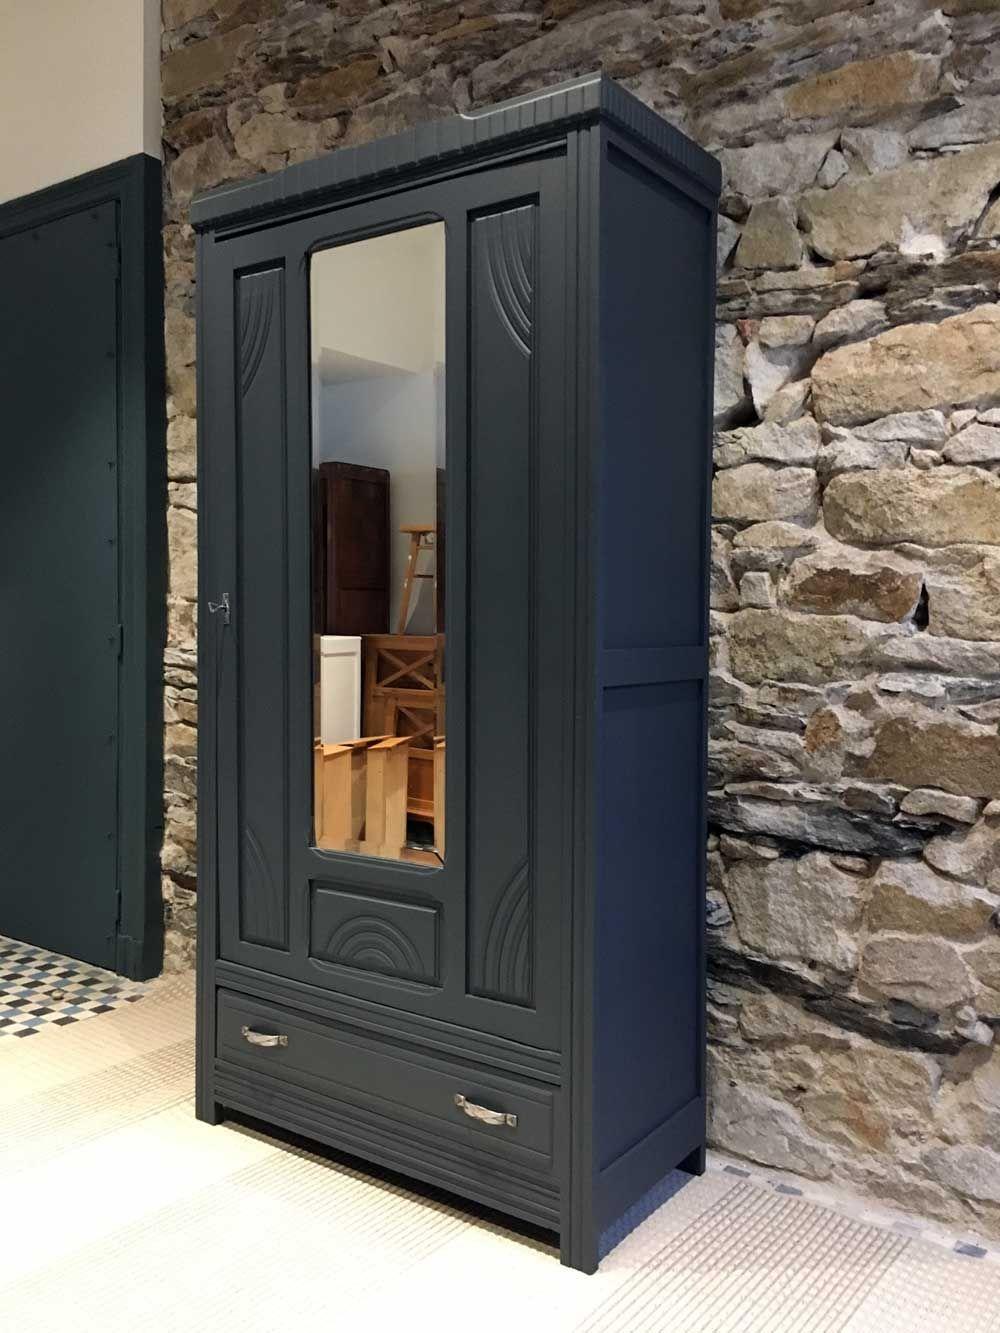 Armoire parisienne une porte avec miroir bonneti re Relooker une porte vitree